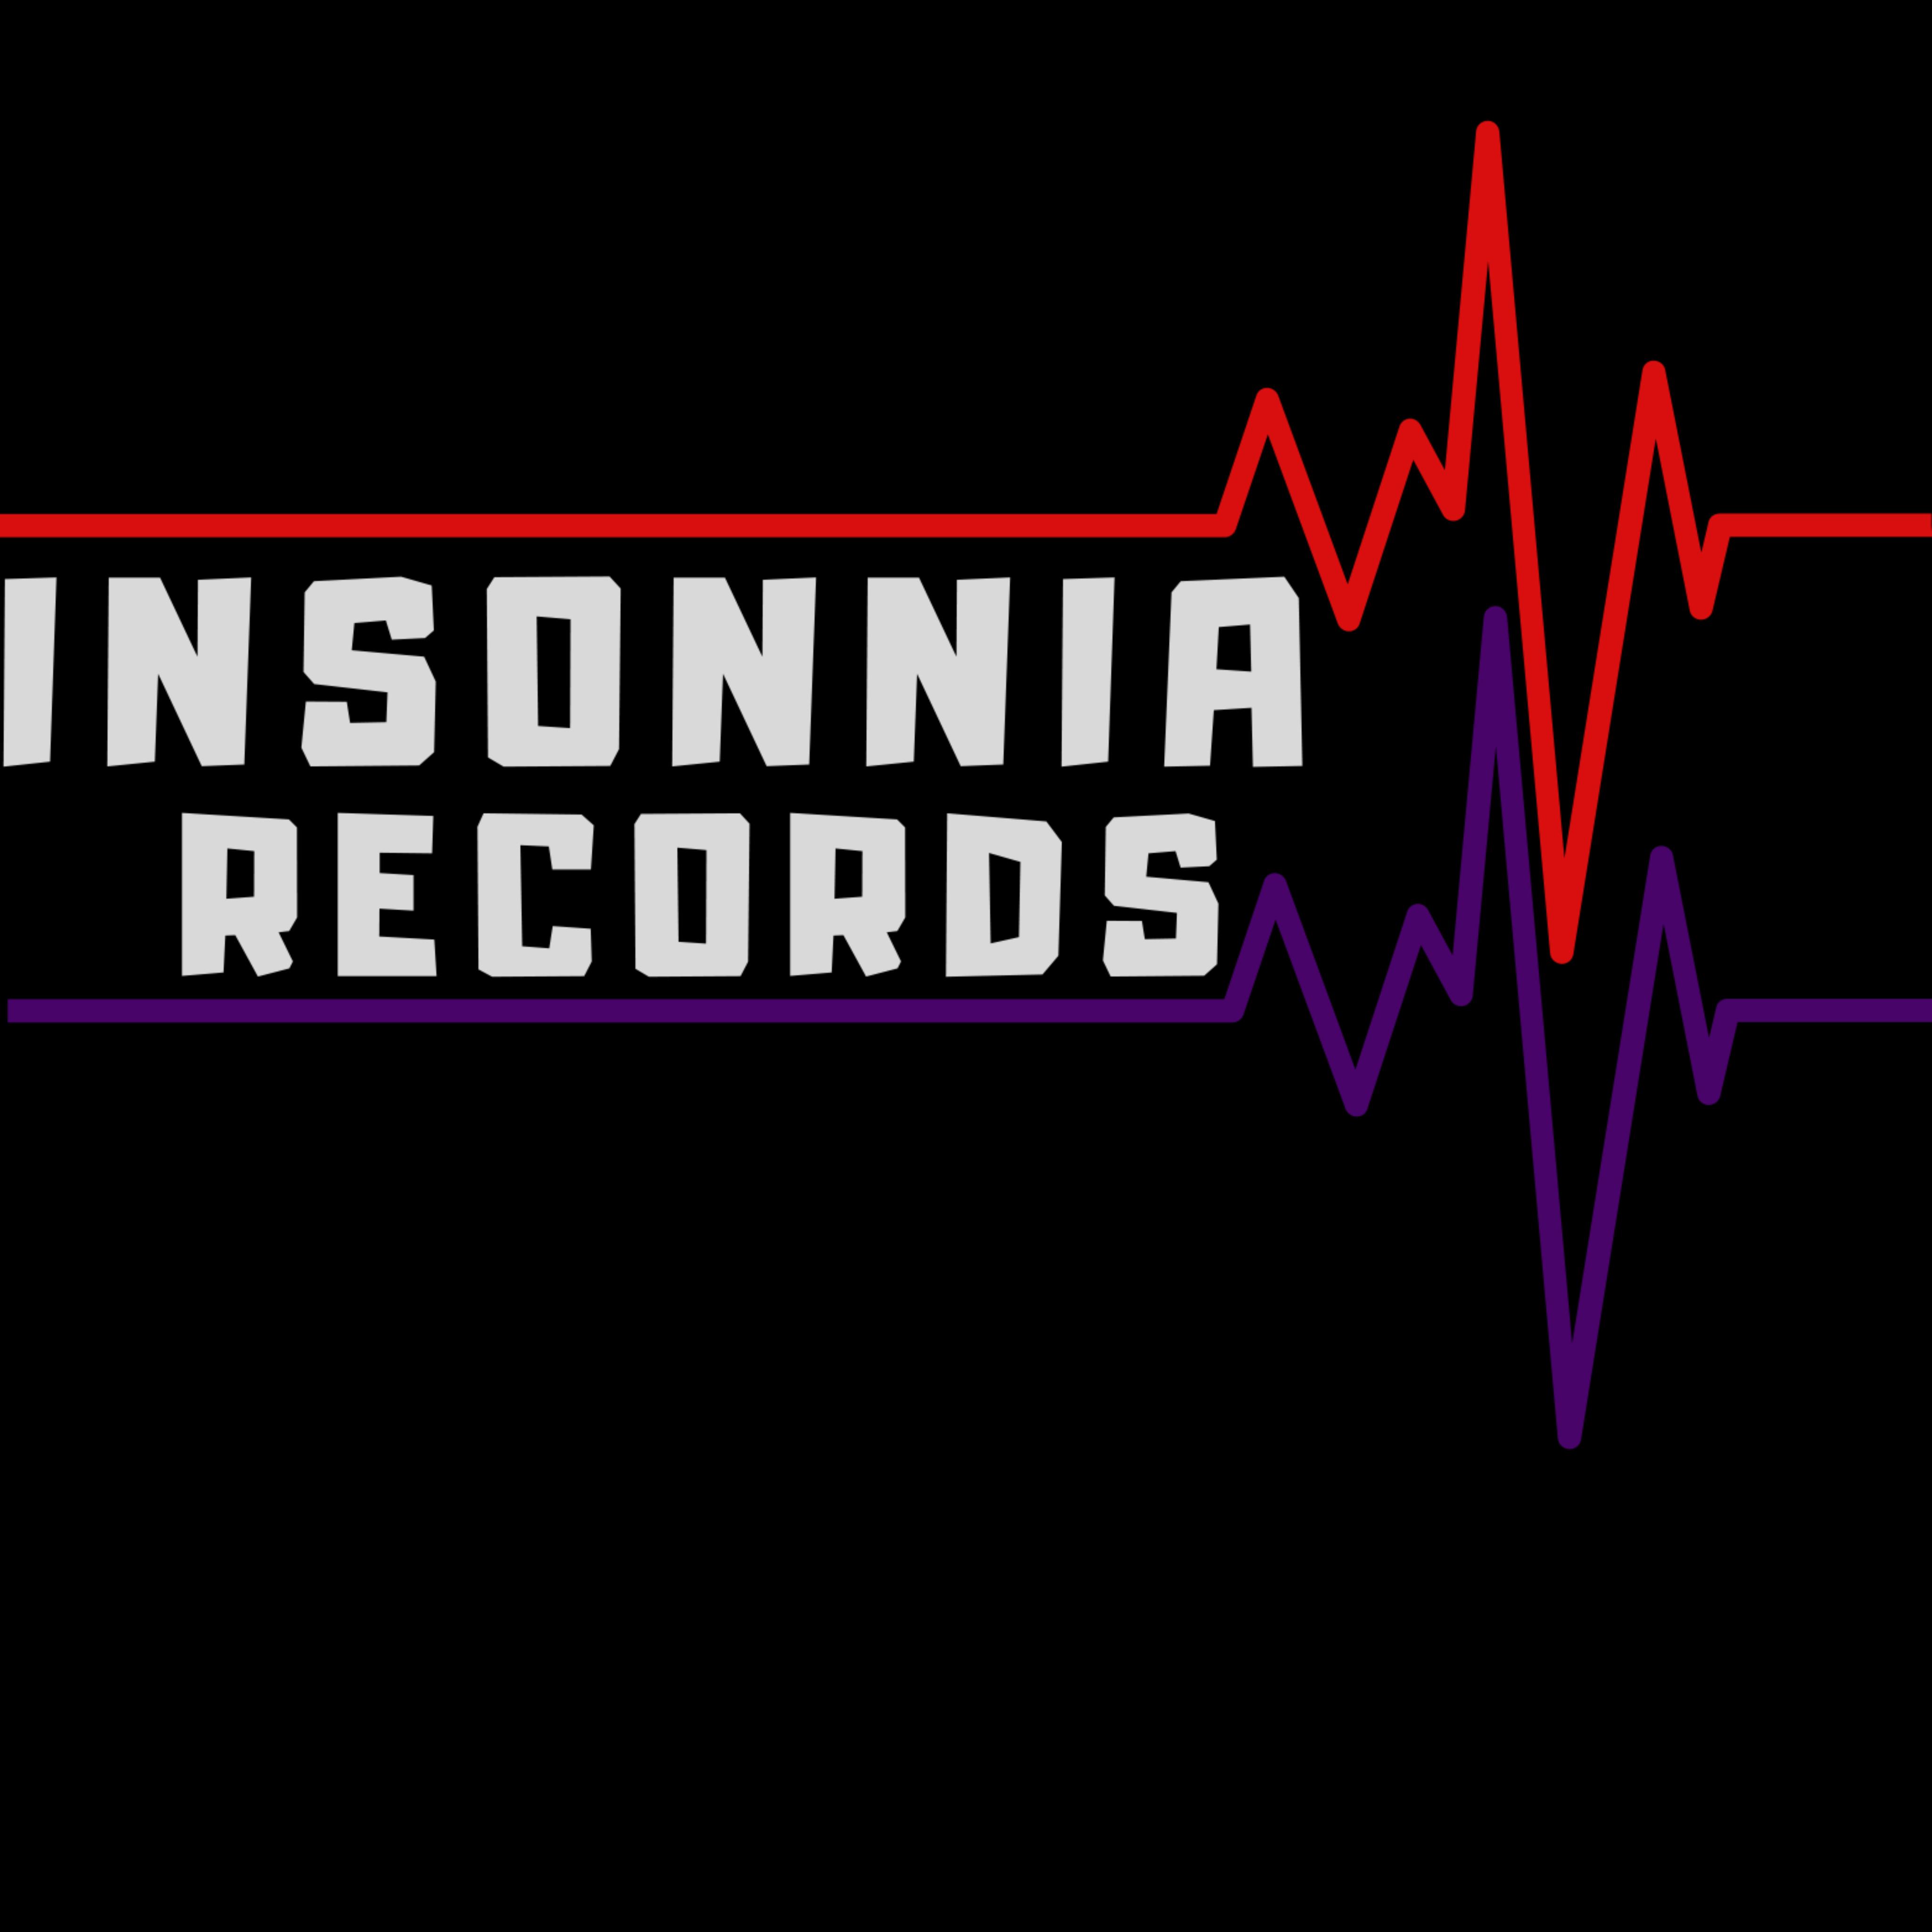 Insonnia Records